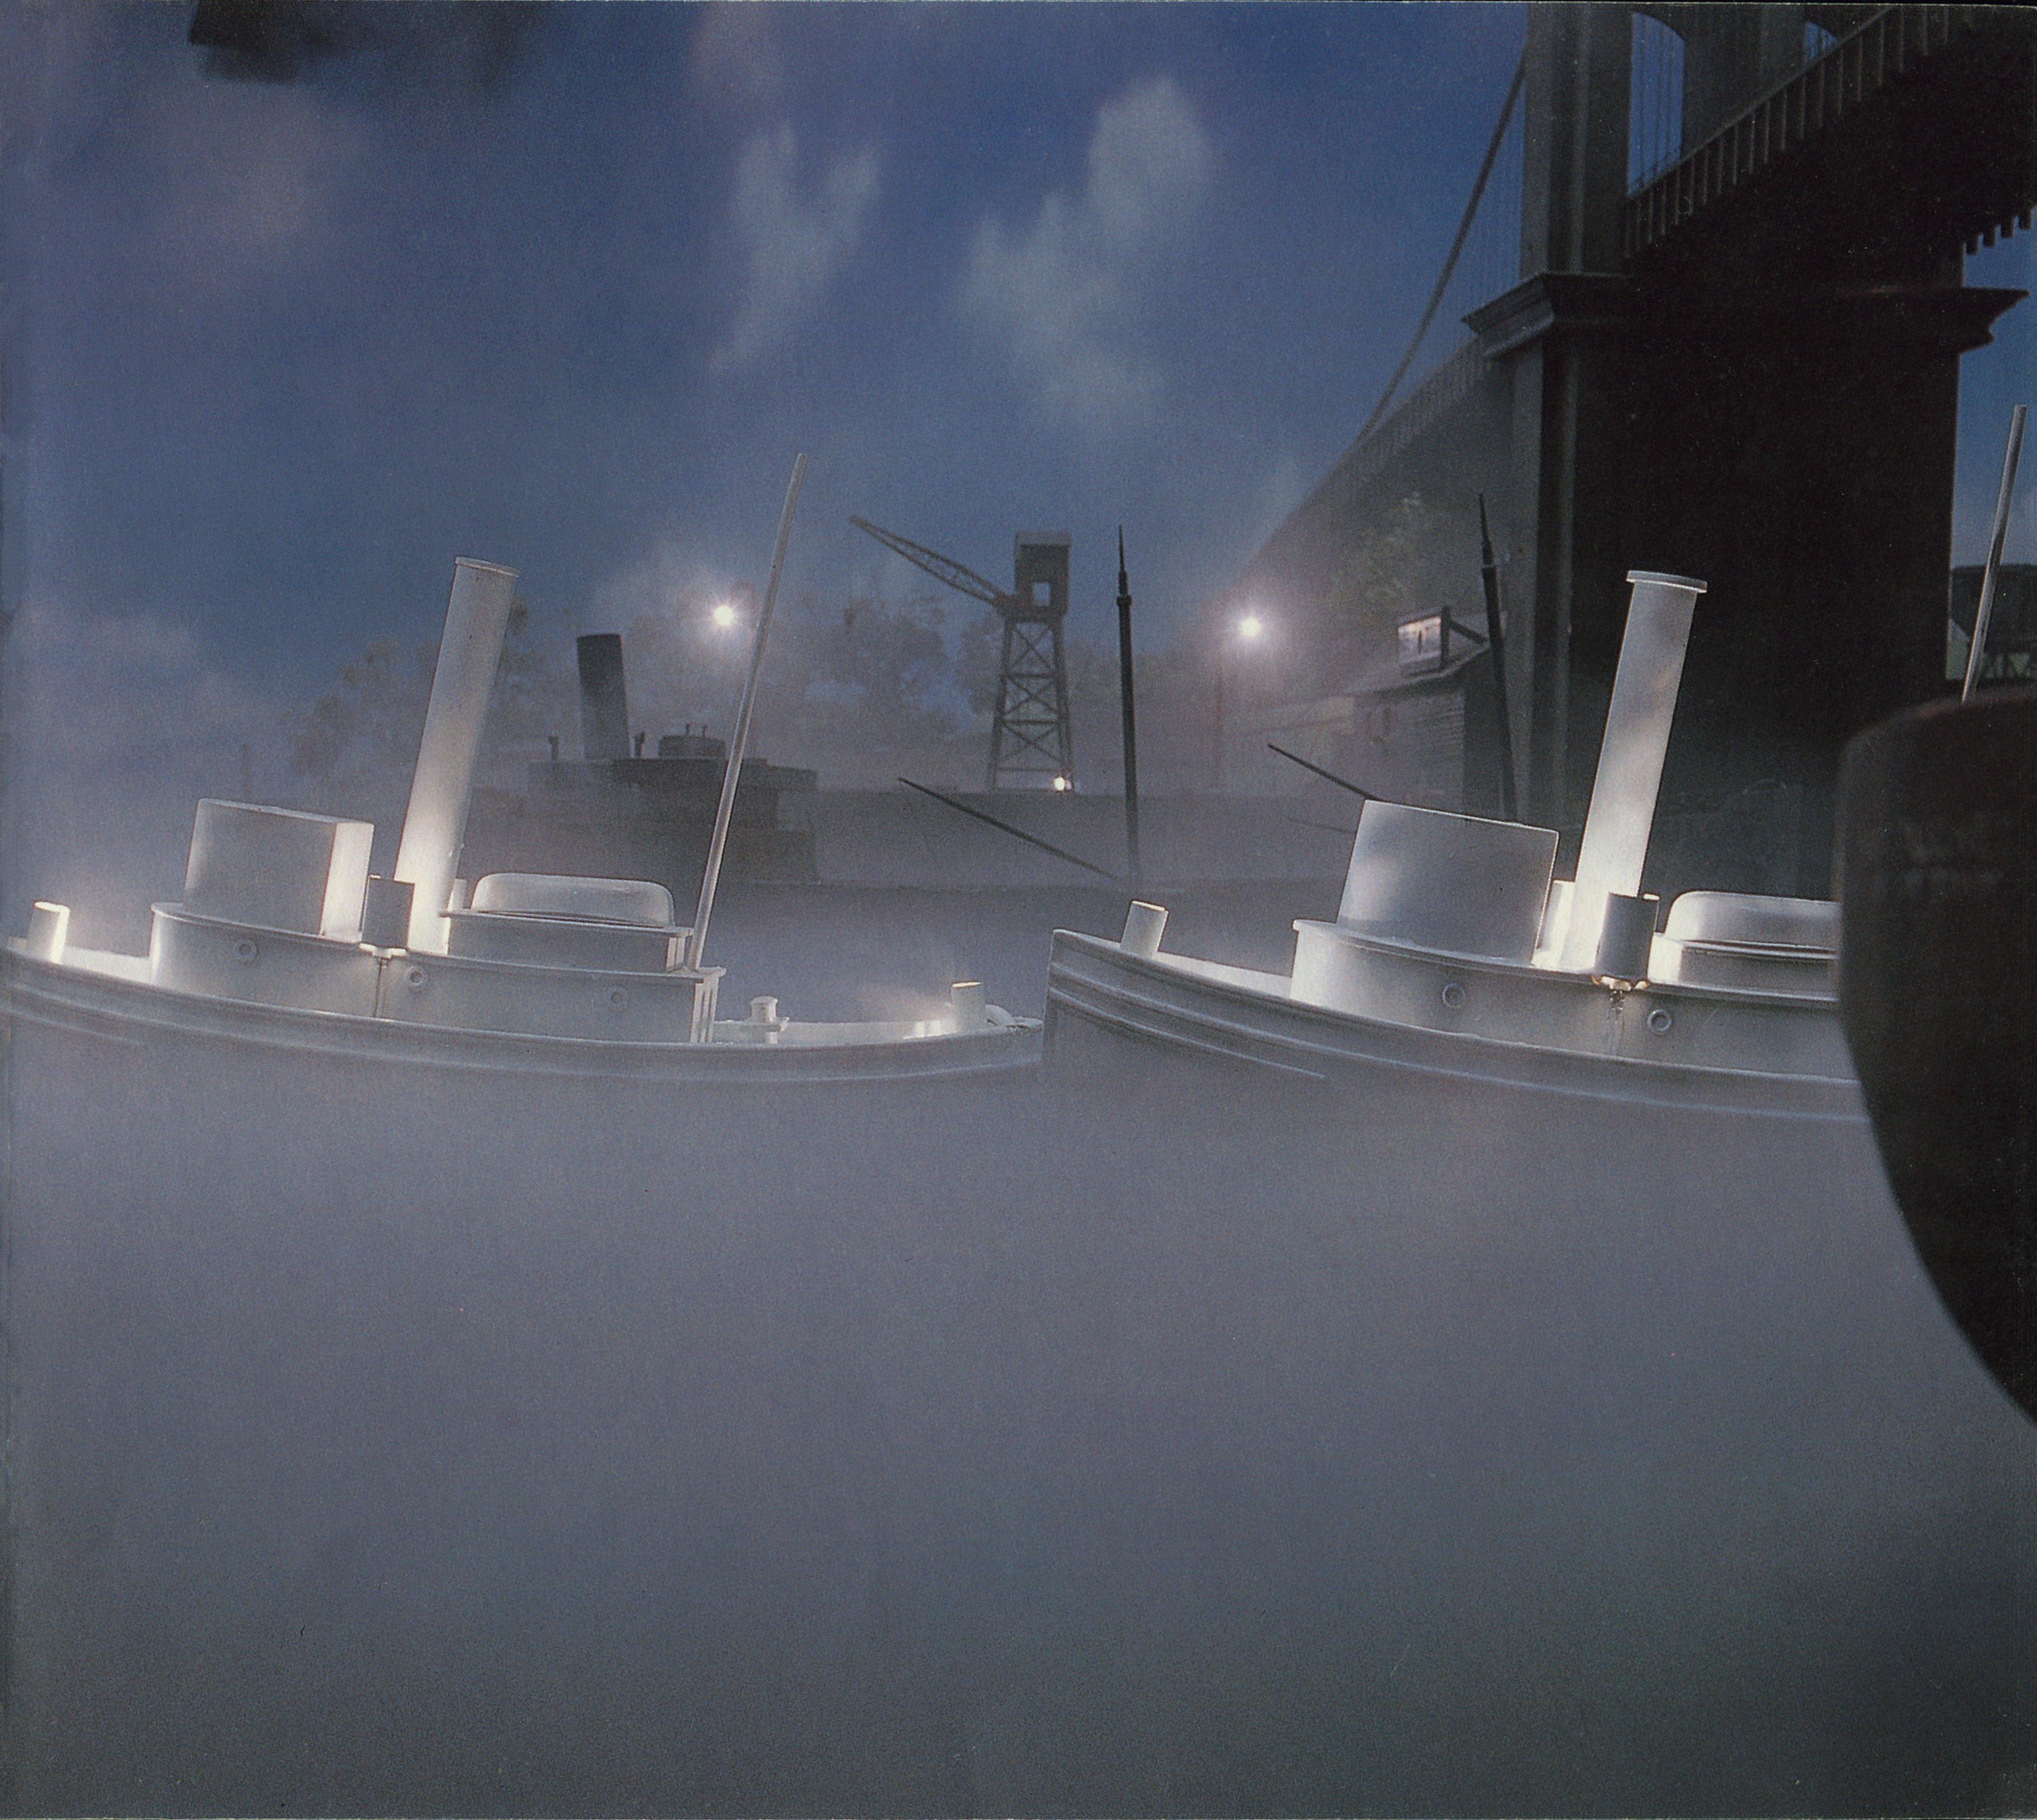 File:White Fleet.jpg